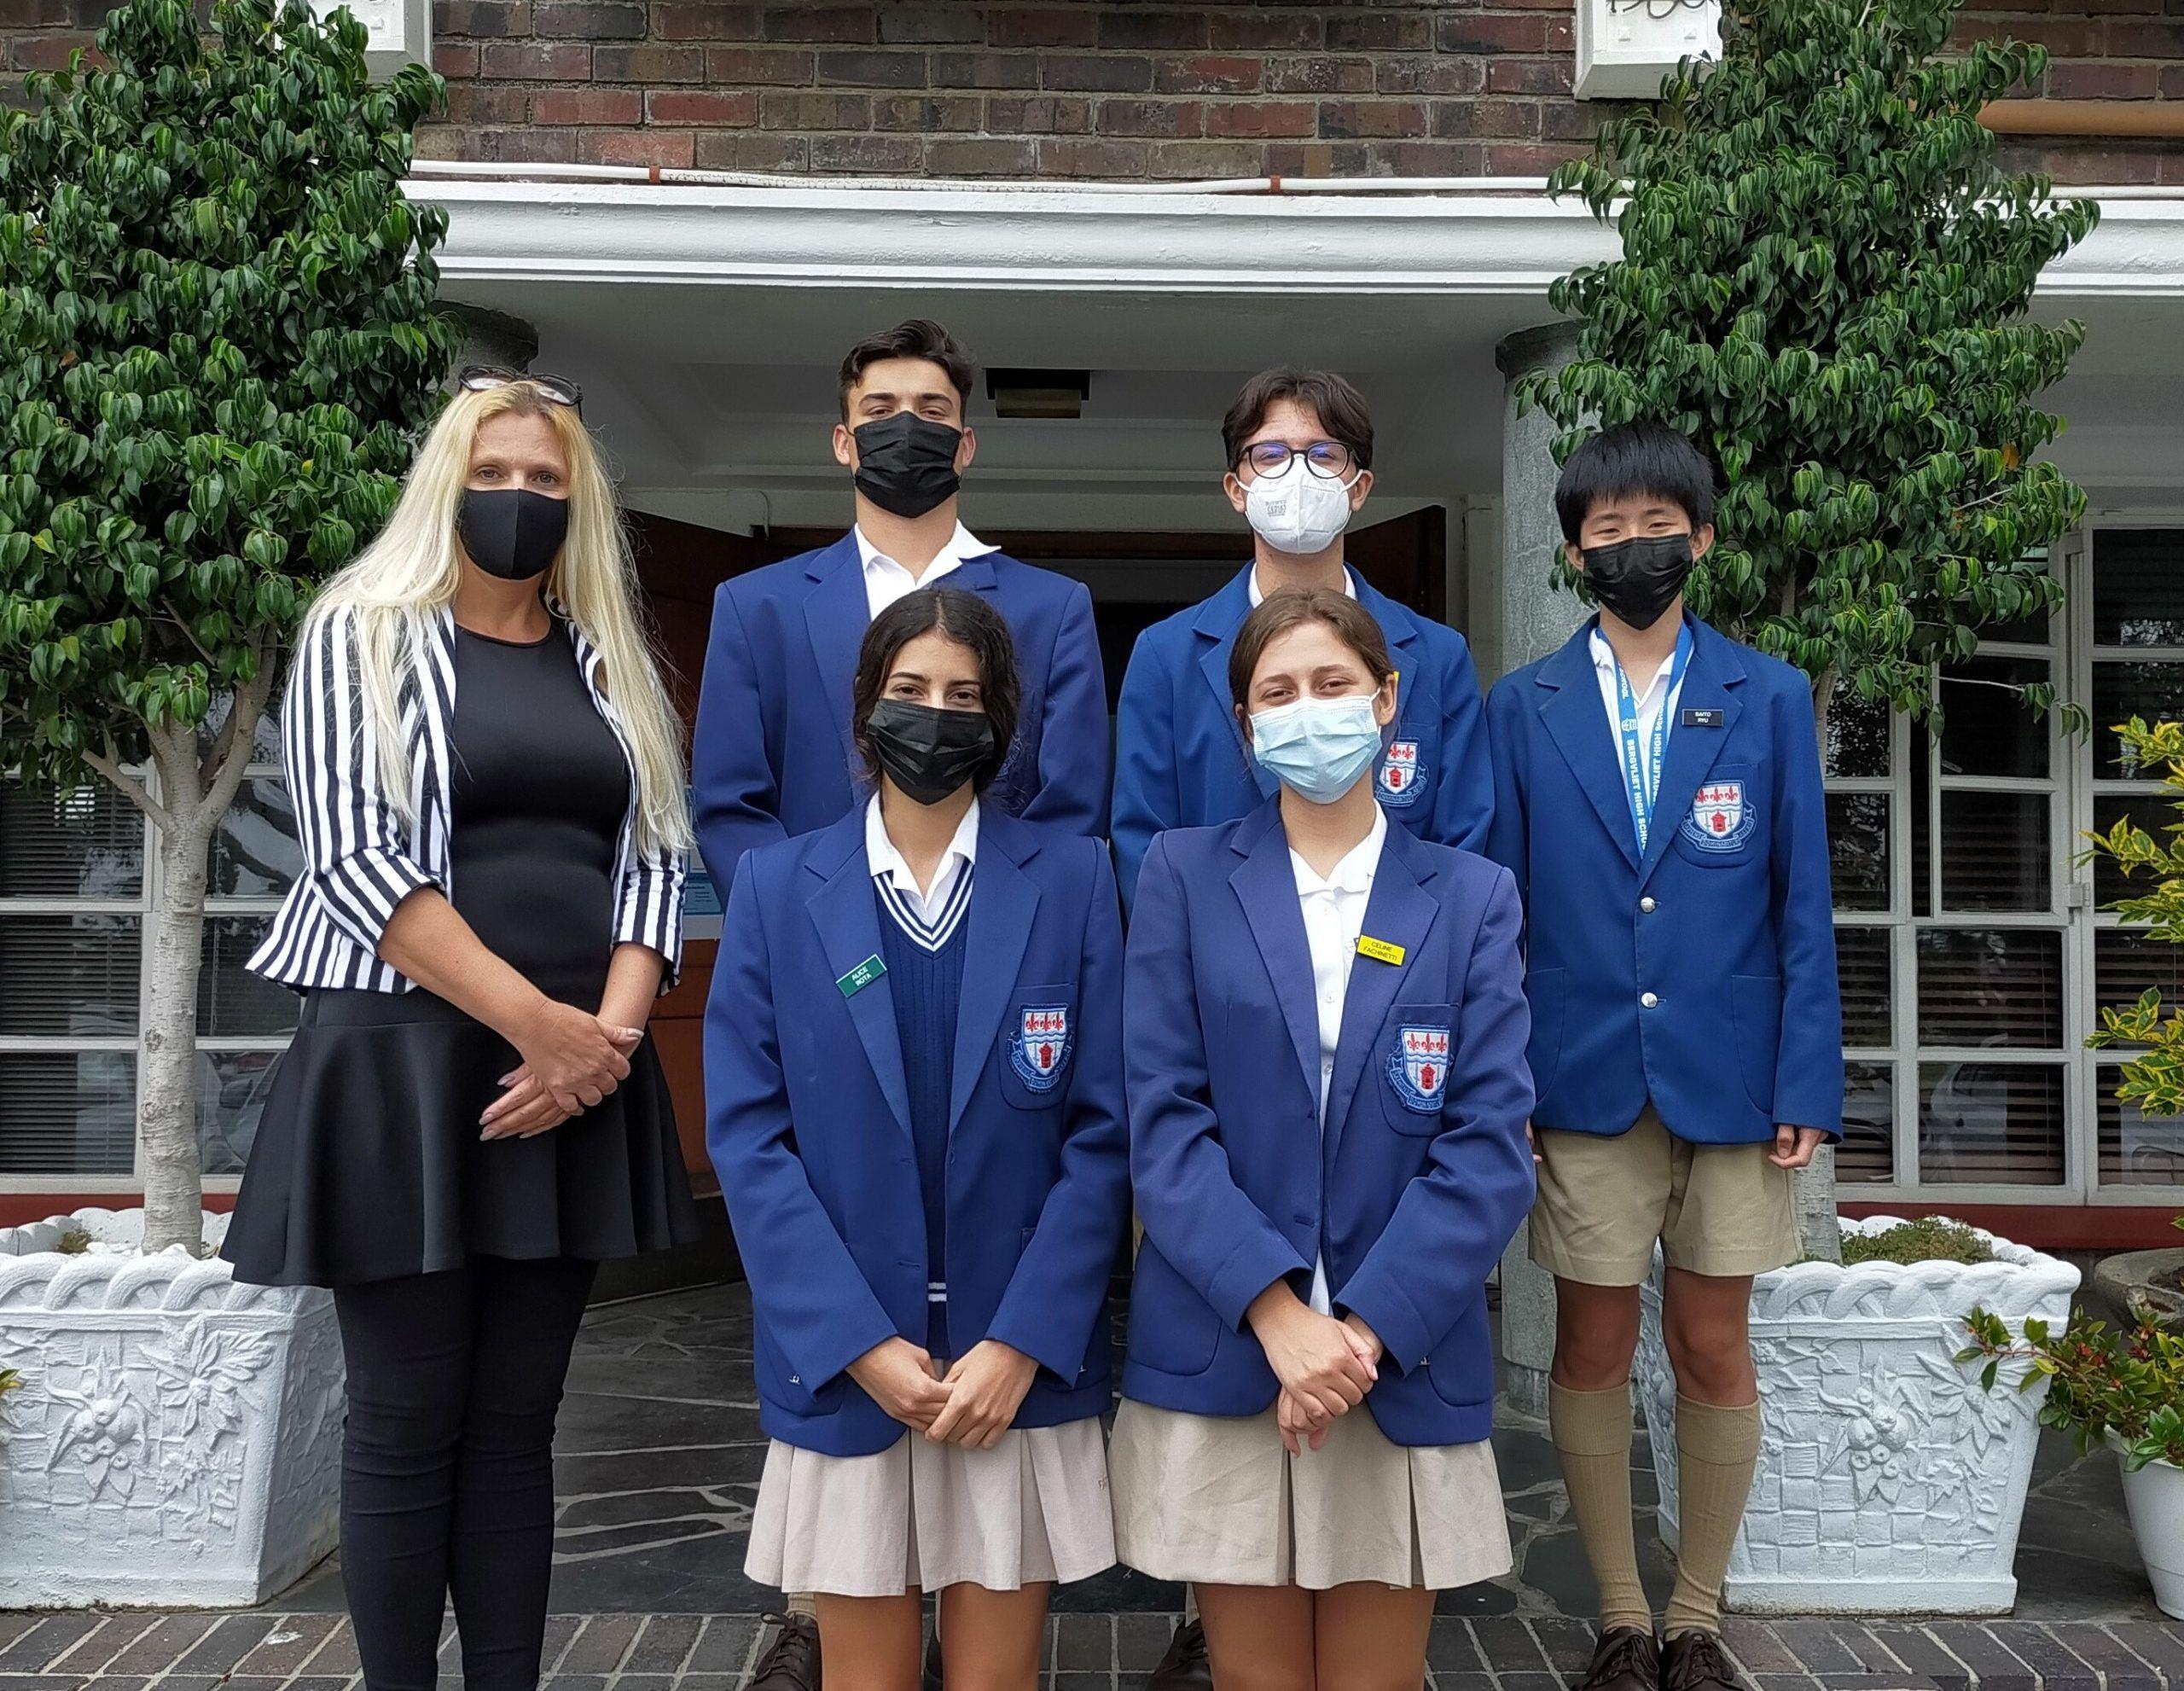 New exchange students arrive at Bergvliet High School